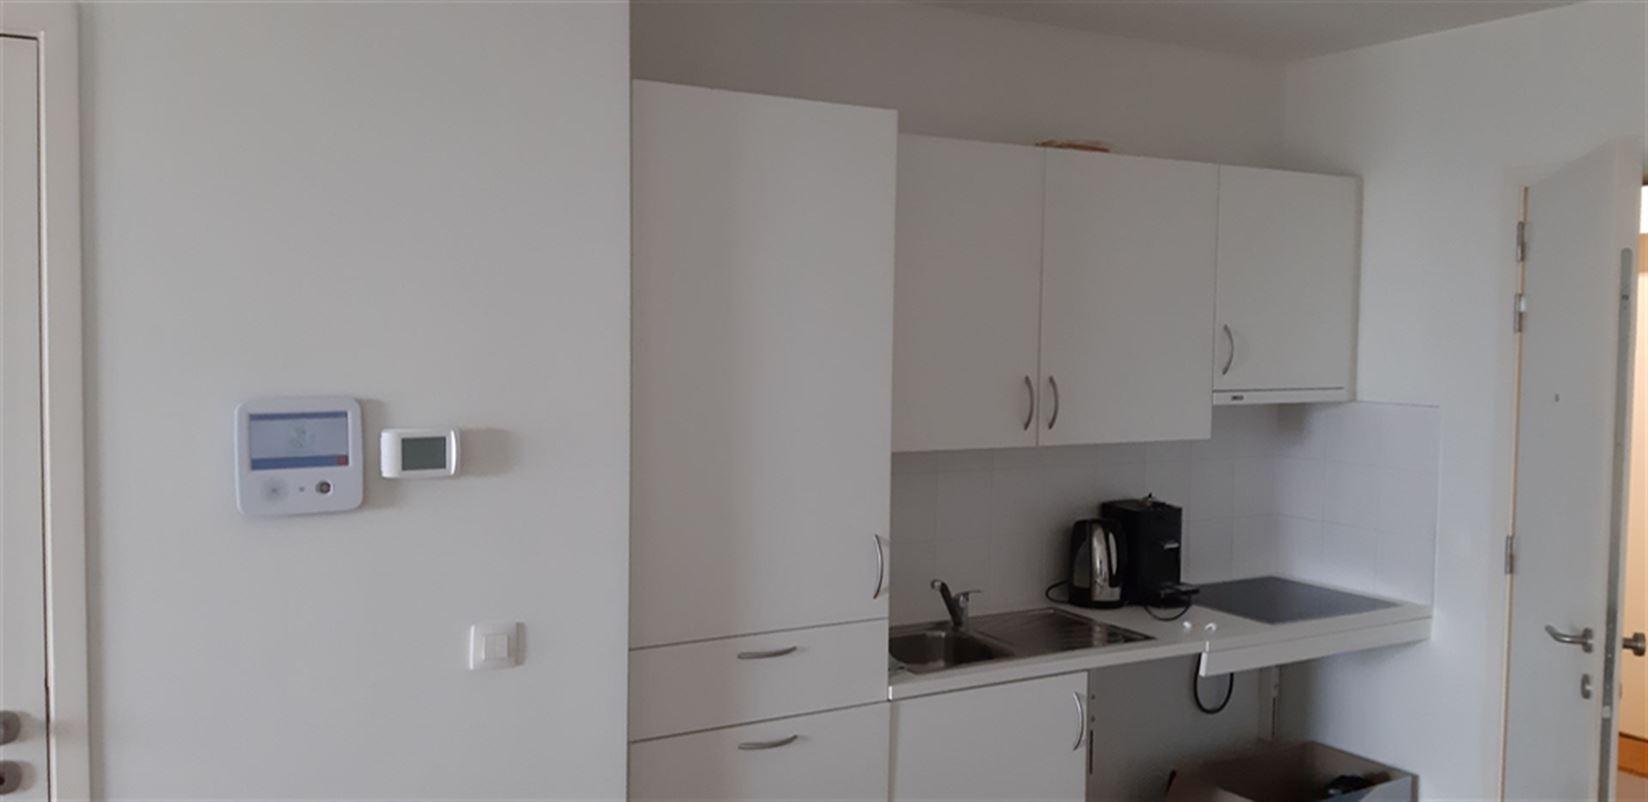 Foto 3 : Appartement te 2060 ANTWERPEN (België) - Prijs € 220.000